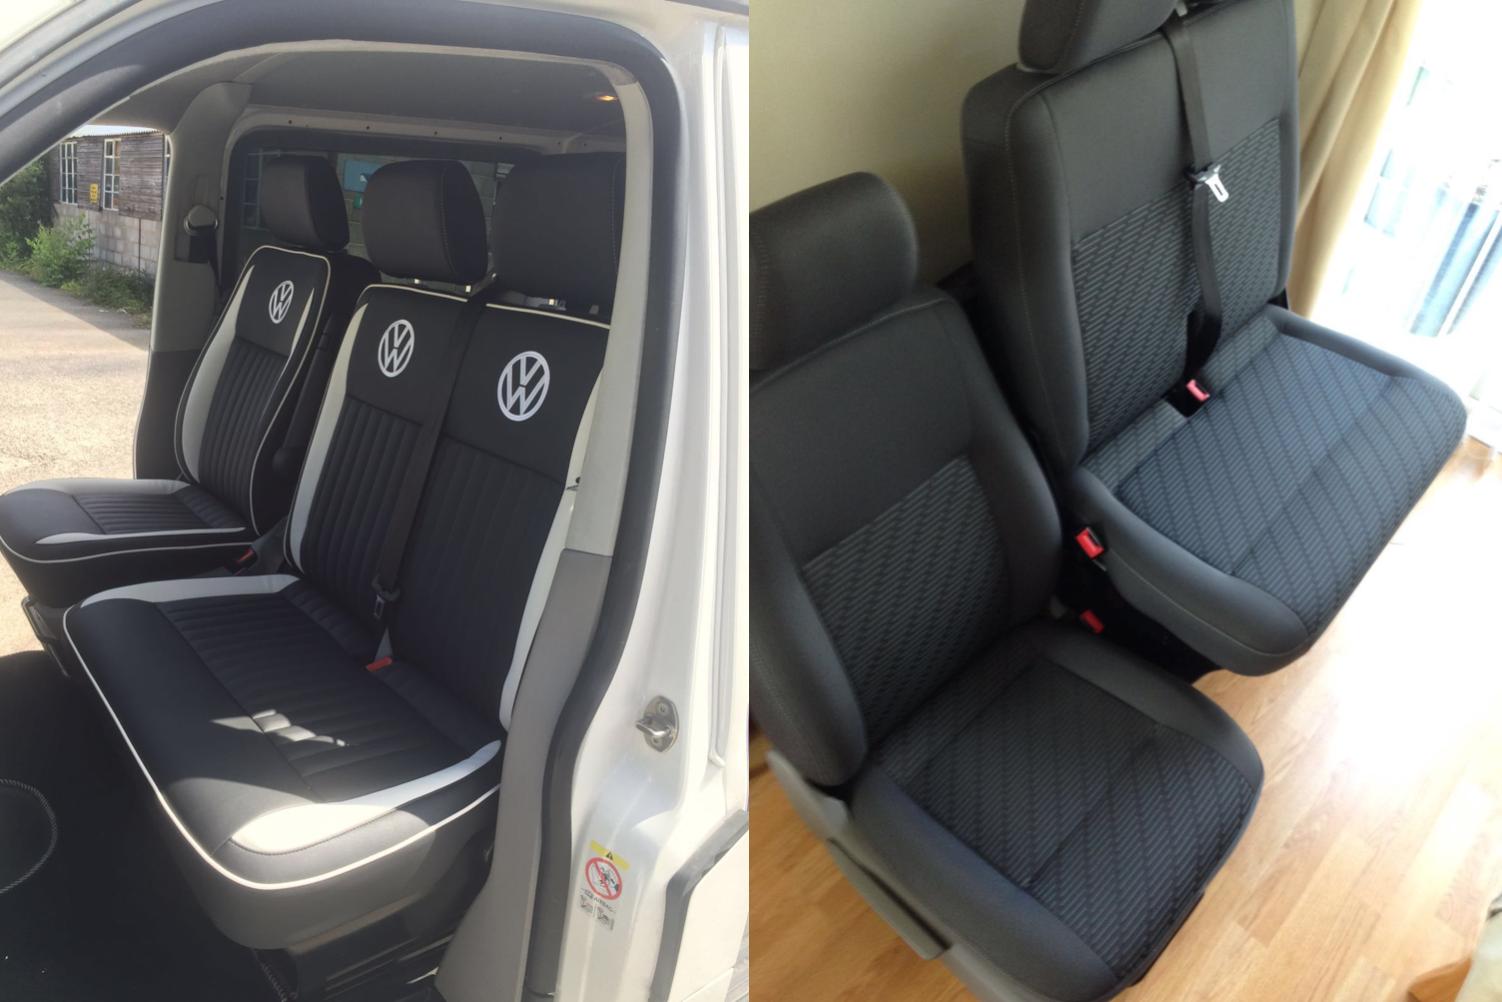 CSG Trimming Southampton. VW Camper Seat Retrim